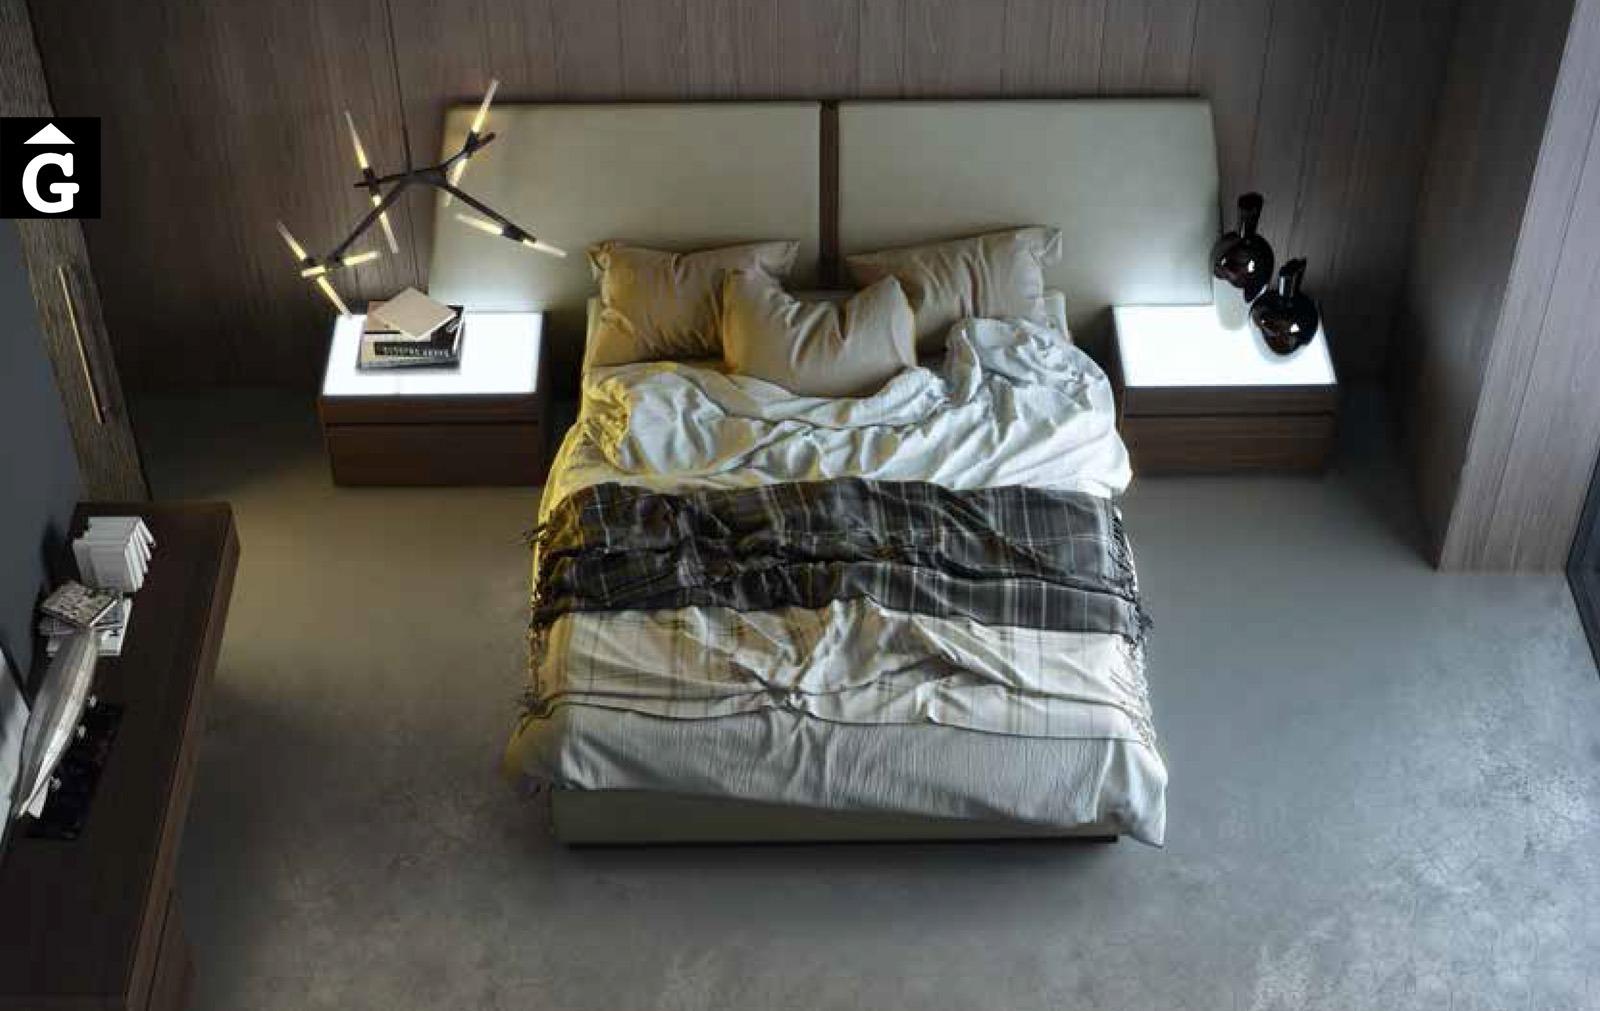 24 0 Area mobles Ciurans per mobles Gifreu programa modular disseny atemporal realitzat amb materials i ferratges de qualitat estil modern minimal